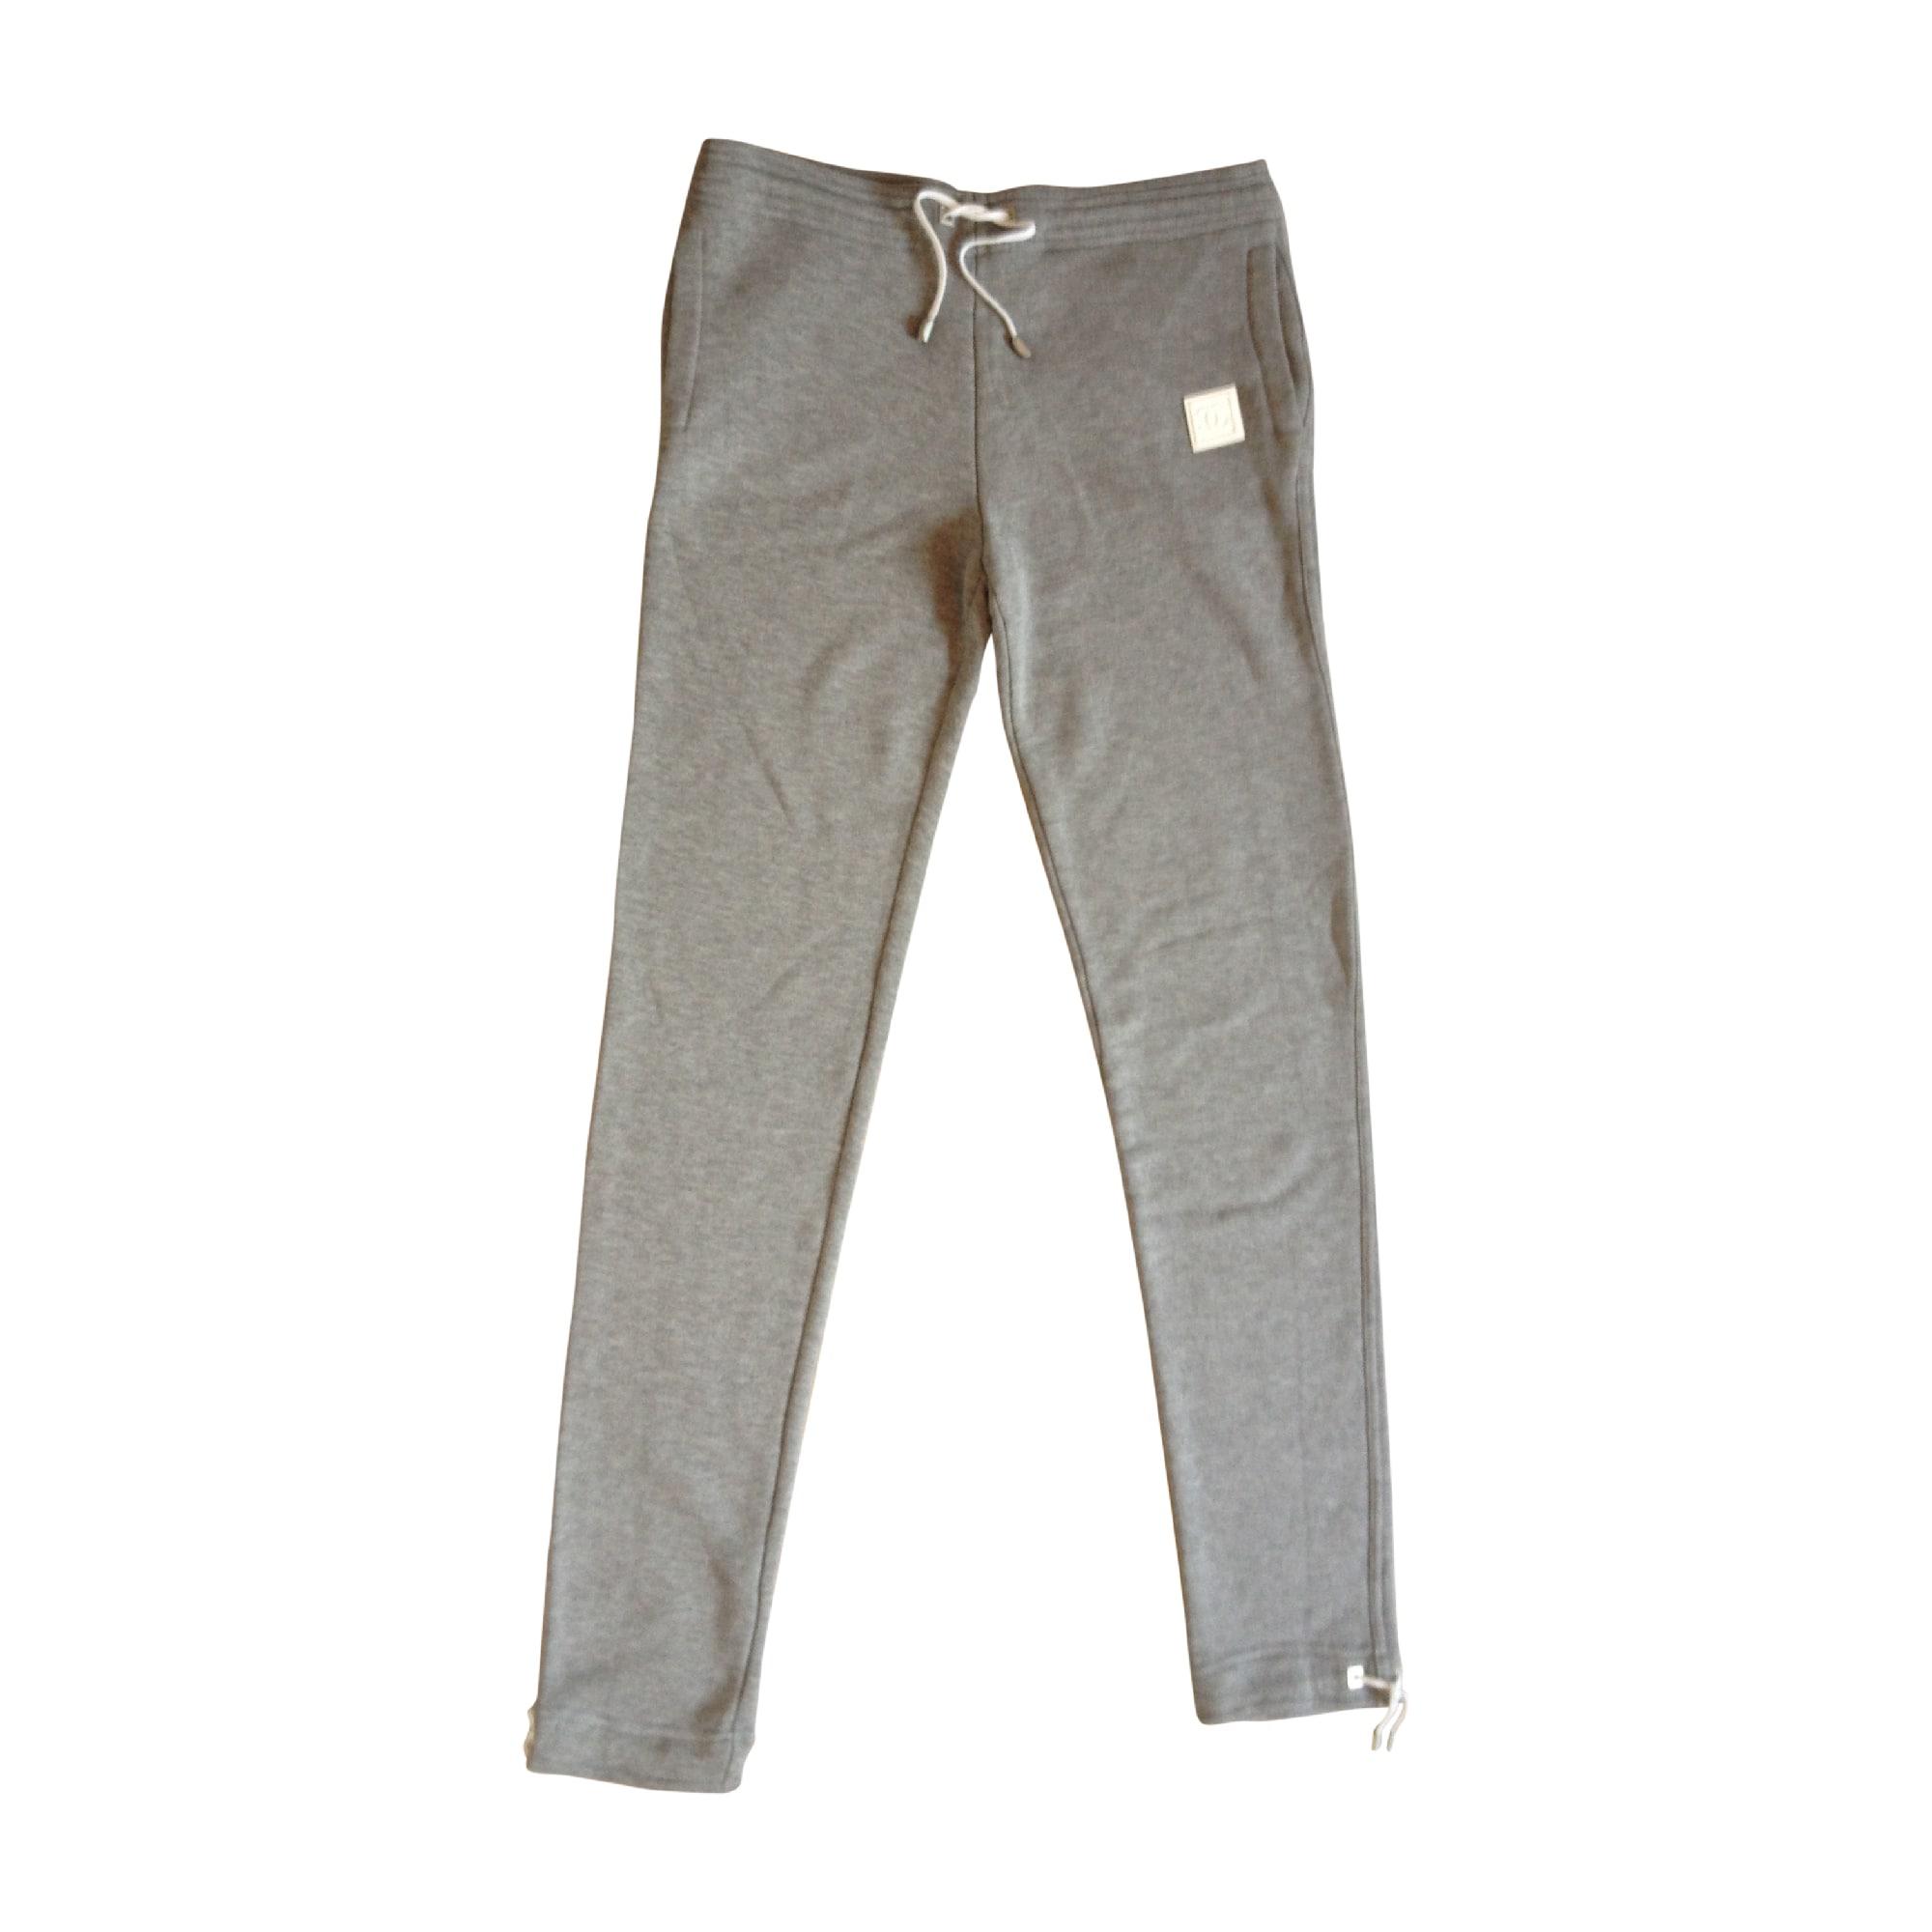 Pantalon de survêtement CHANEL 38 (M, T2) gris vendu par ... 2374eeffe61